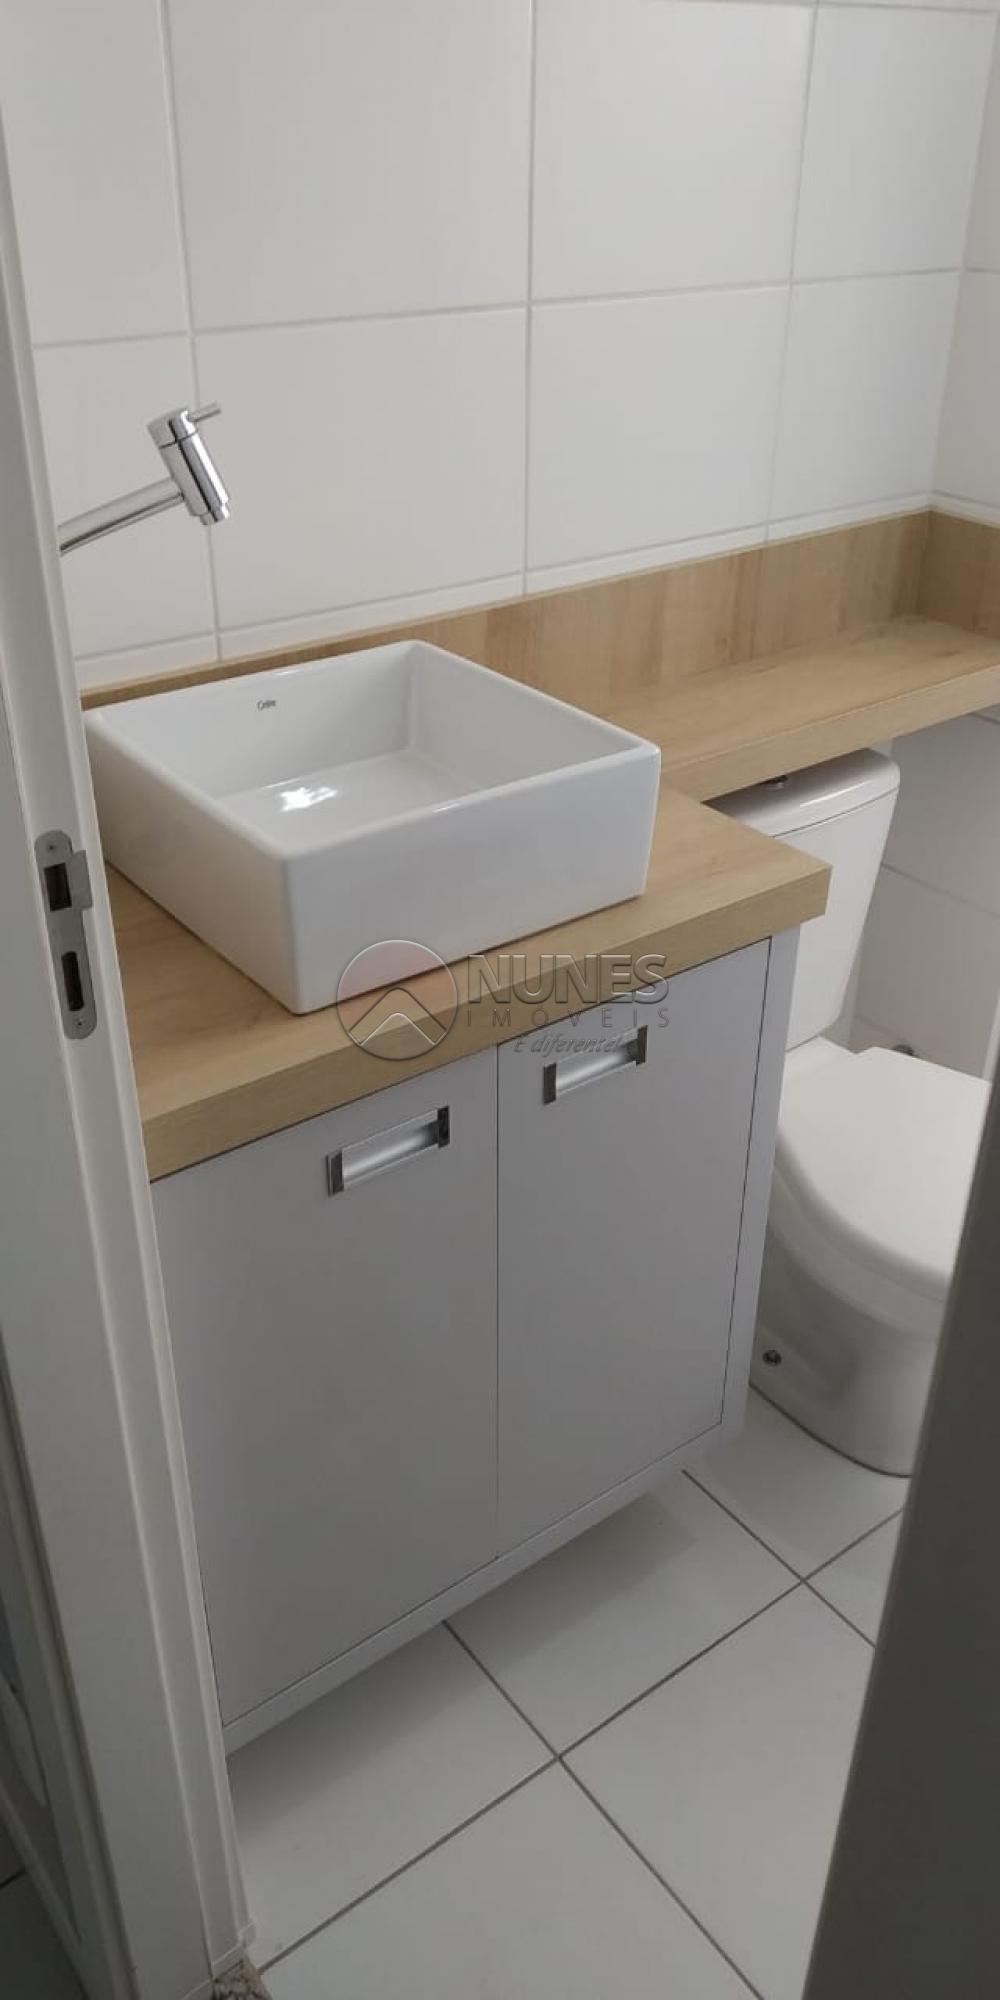 Comprar Apartamento / Padrão em Barueri apenas R$ 280.000,00 - Foto 8